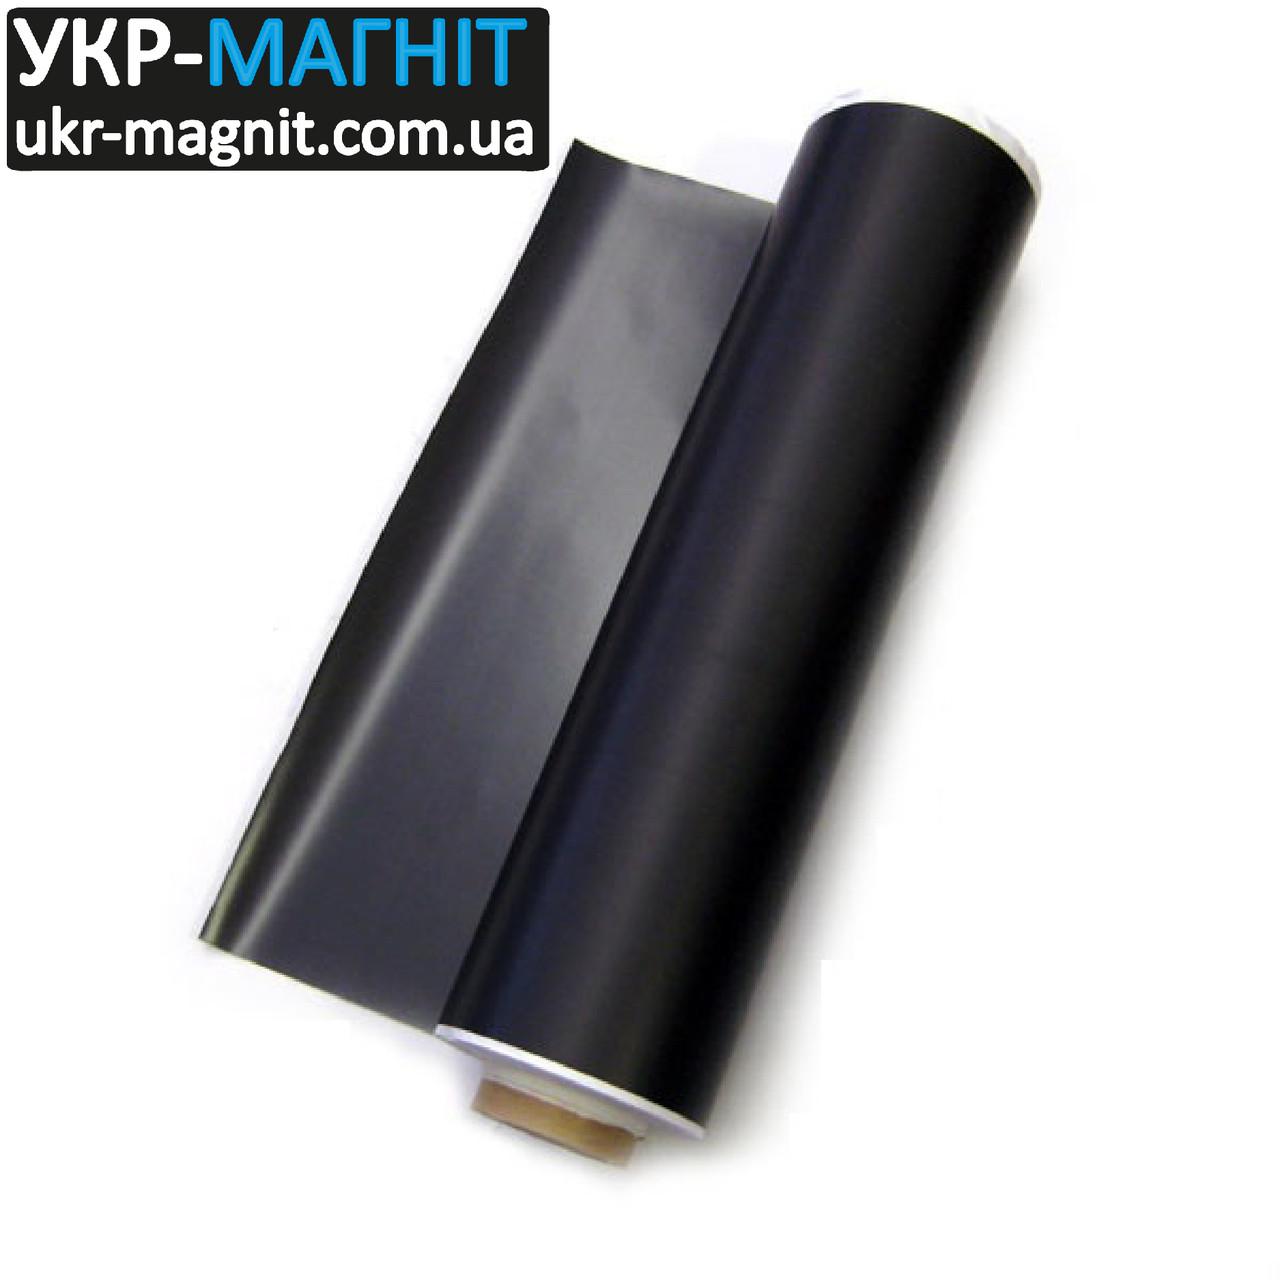 Магнитный винил 0,3мм без клеевого слоя (0,62м х 30м)